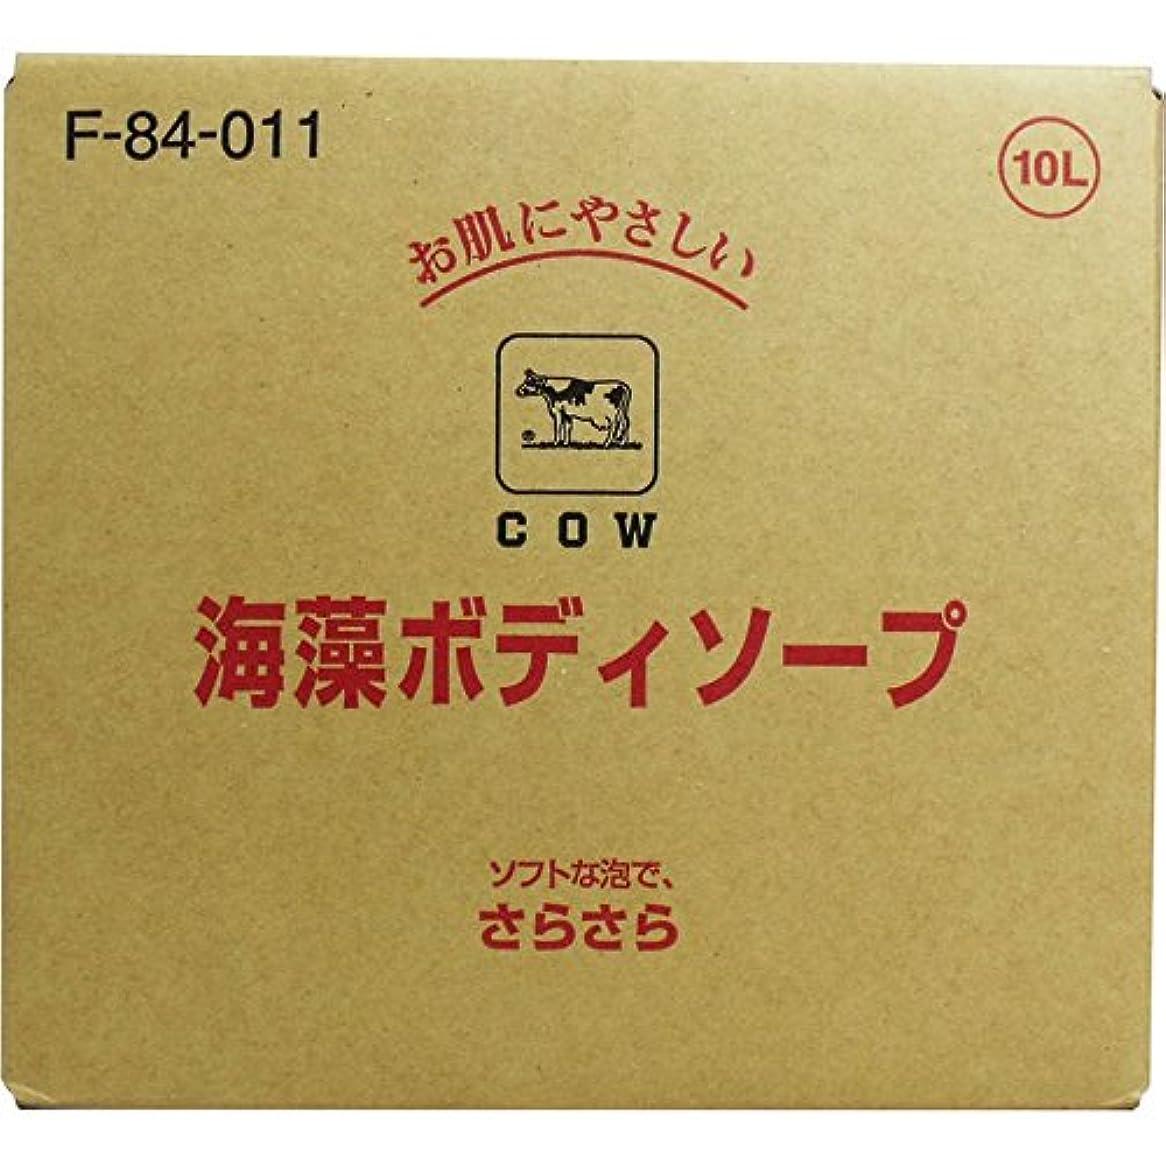 悪用理解来てボディ 石けん詰め替え さらさらした洗い心地 便利商品 牛乳ブランド 海藻ボディソープ 業務用 10L